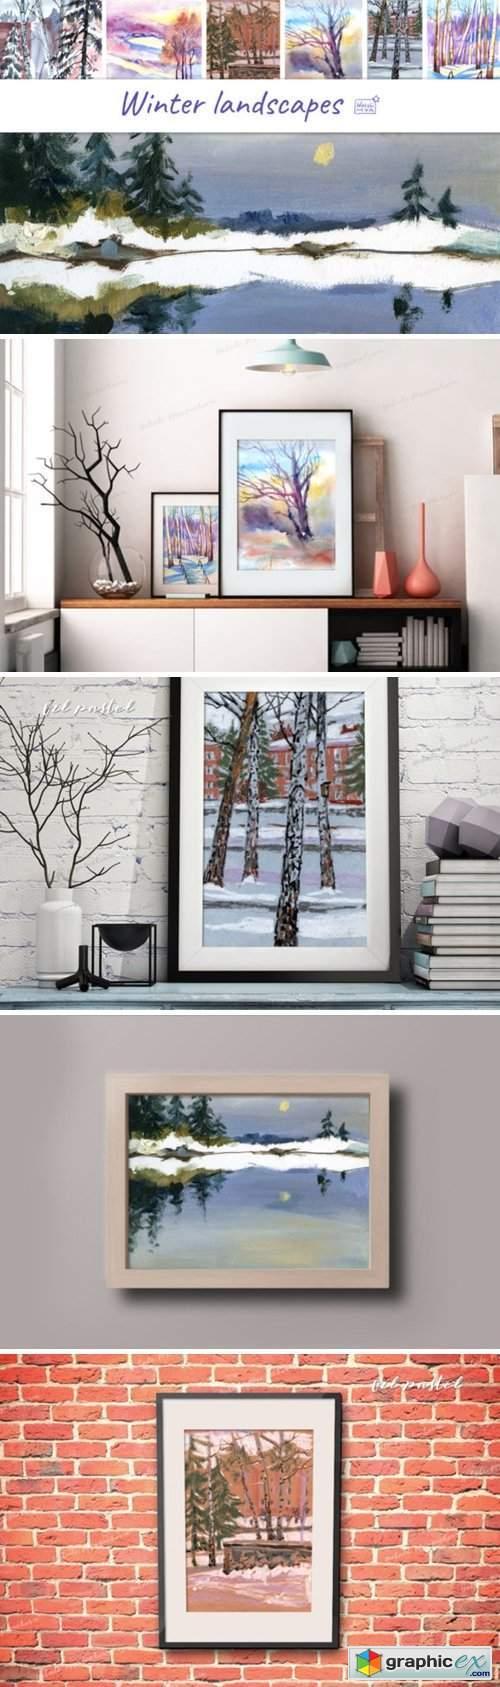 7 Digital Winter Landscapes